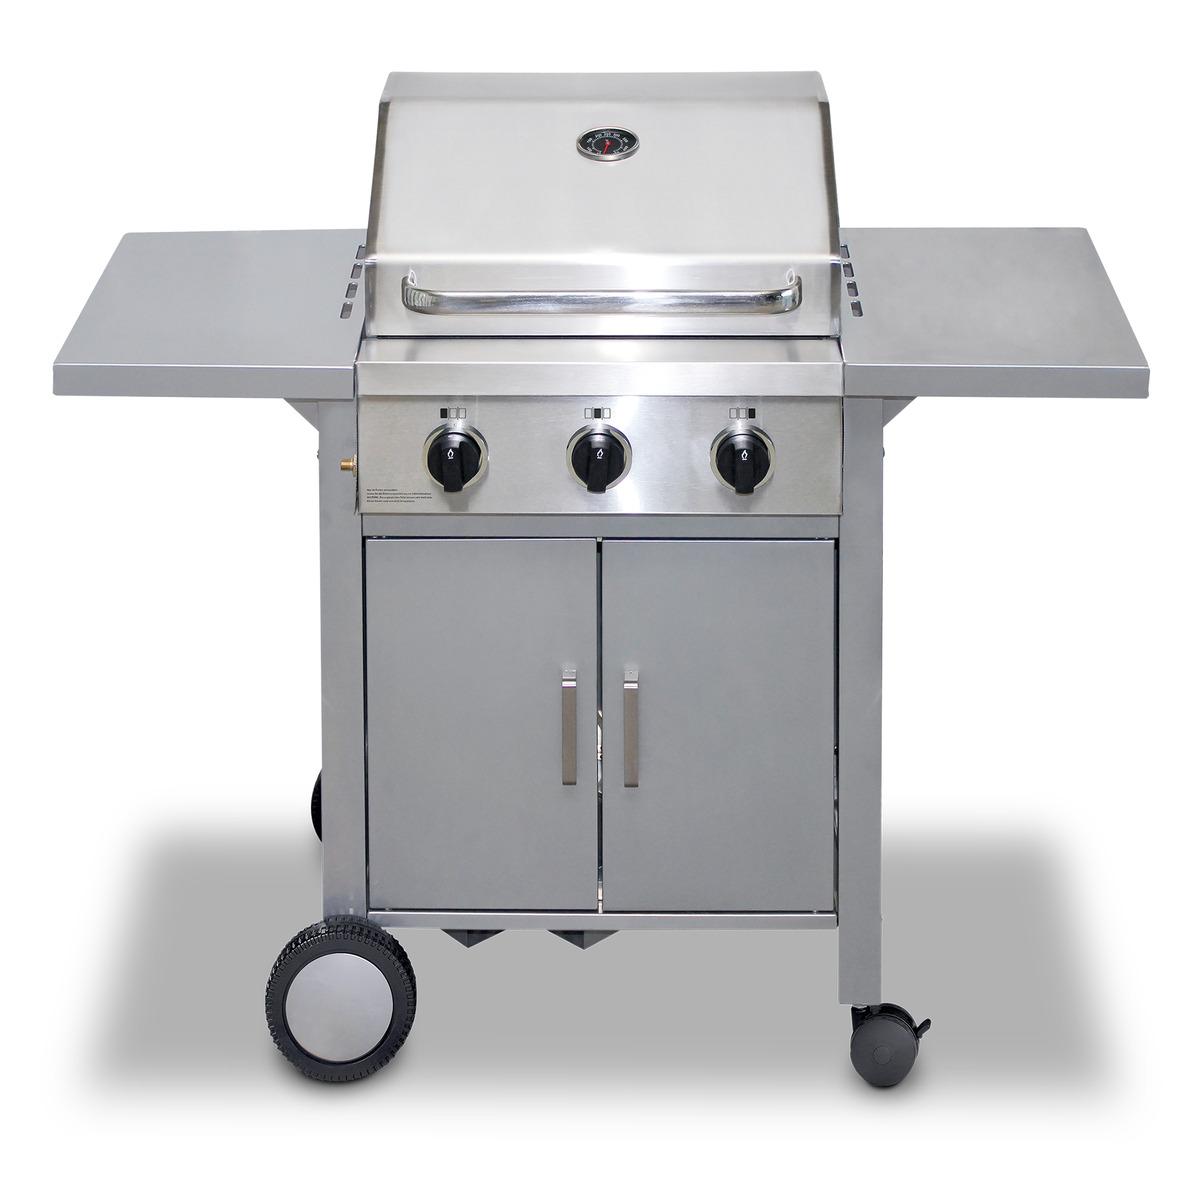 Bild 1 von Gasgrillküche